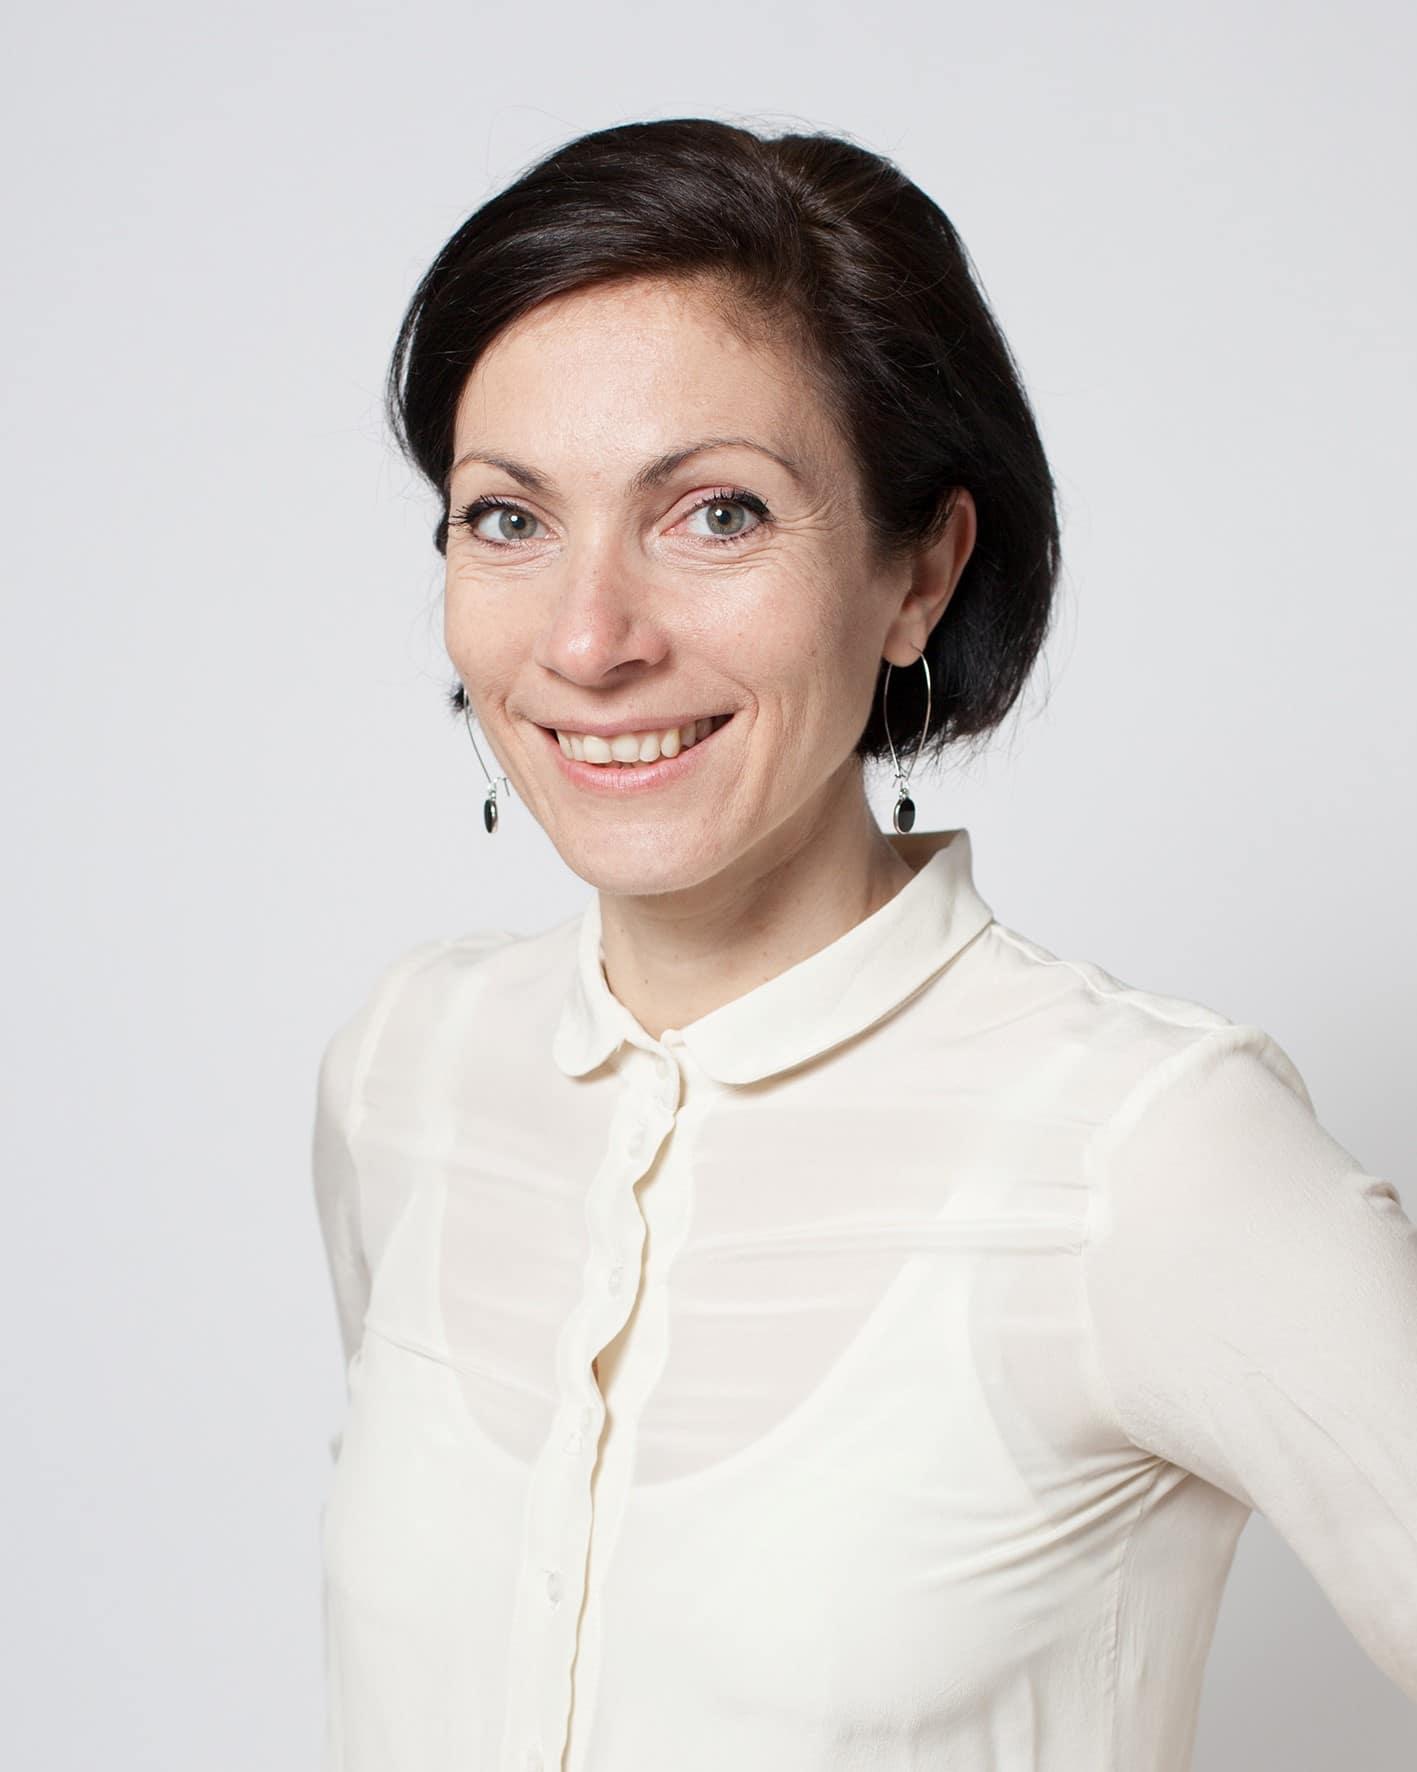 Miriam Gablier